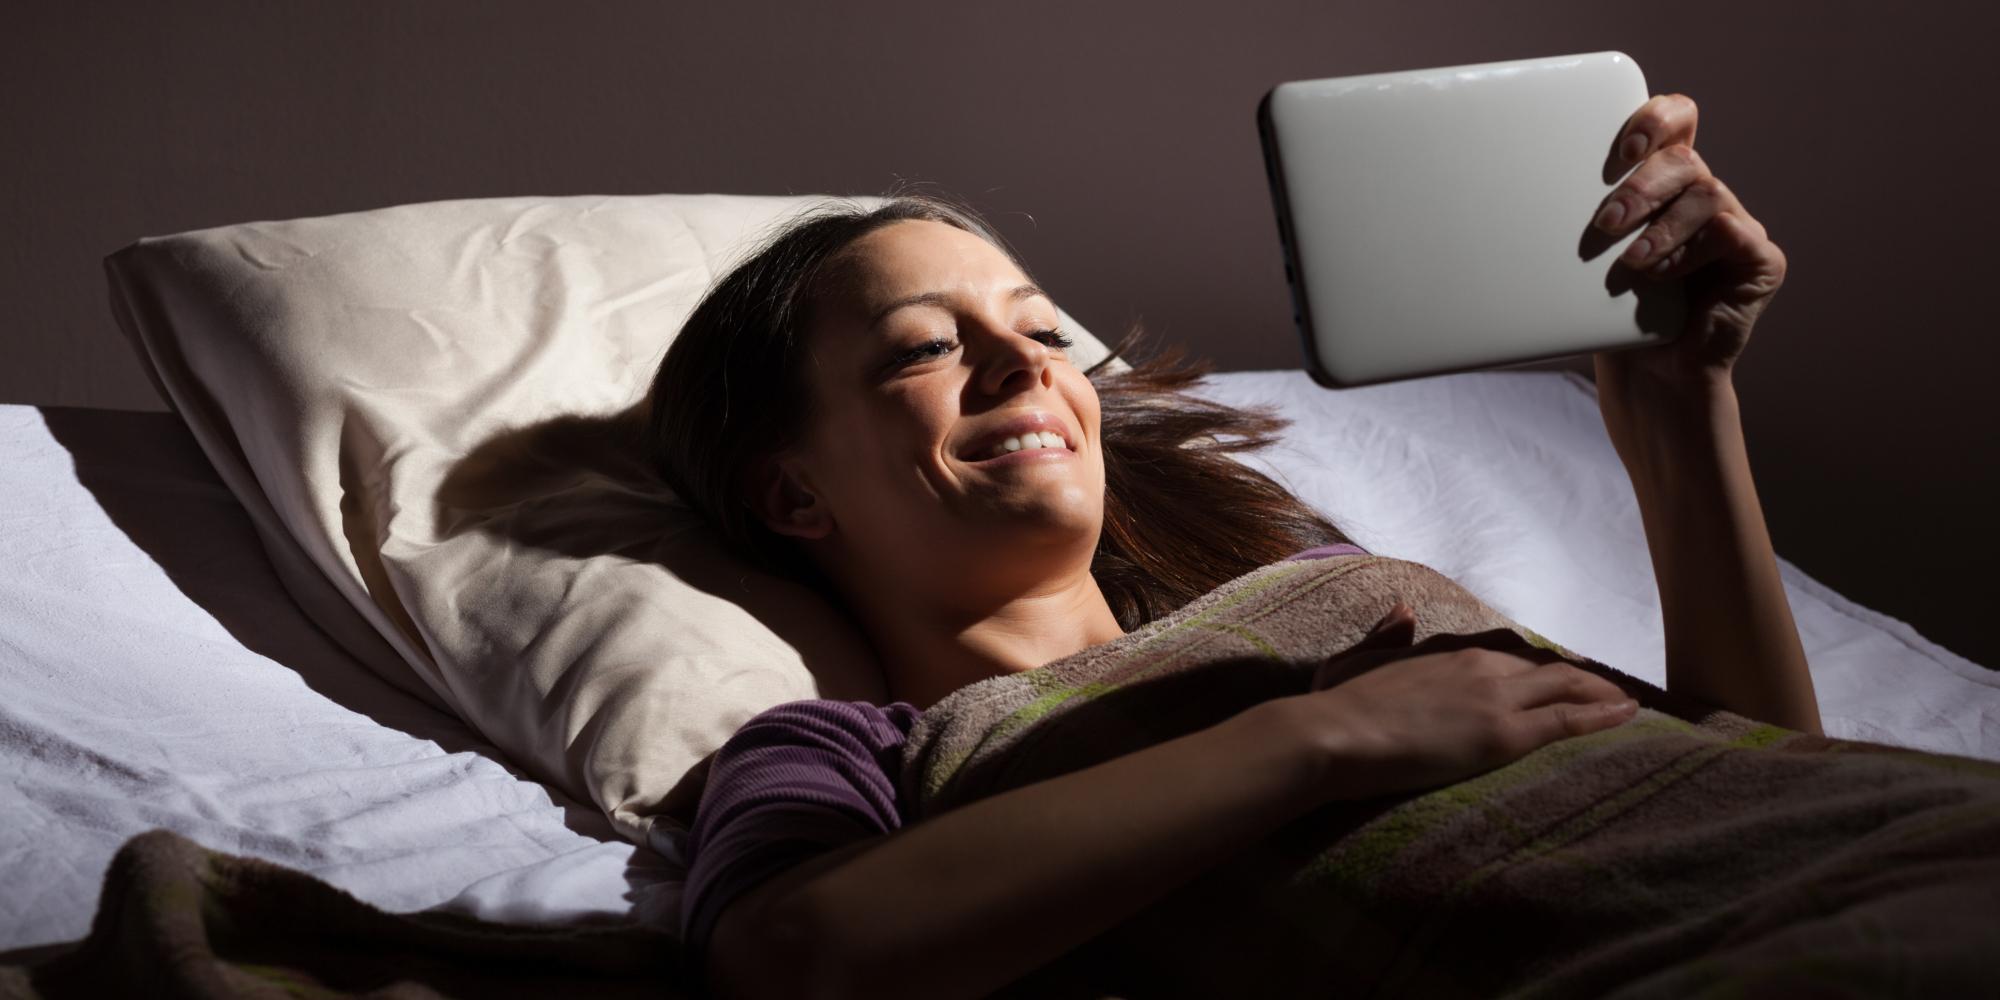 أحذروا استخدام الهاتف قبل النوم بساعة  لهذه الأسباب…